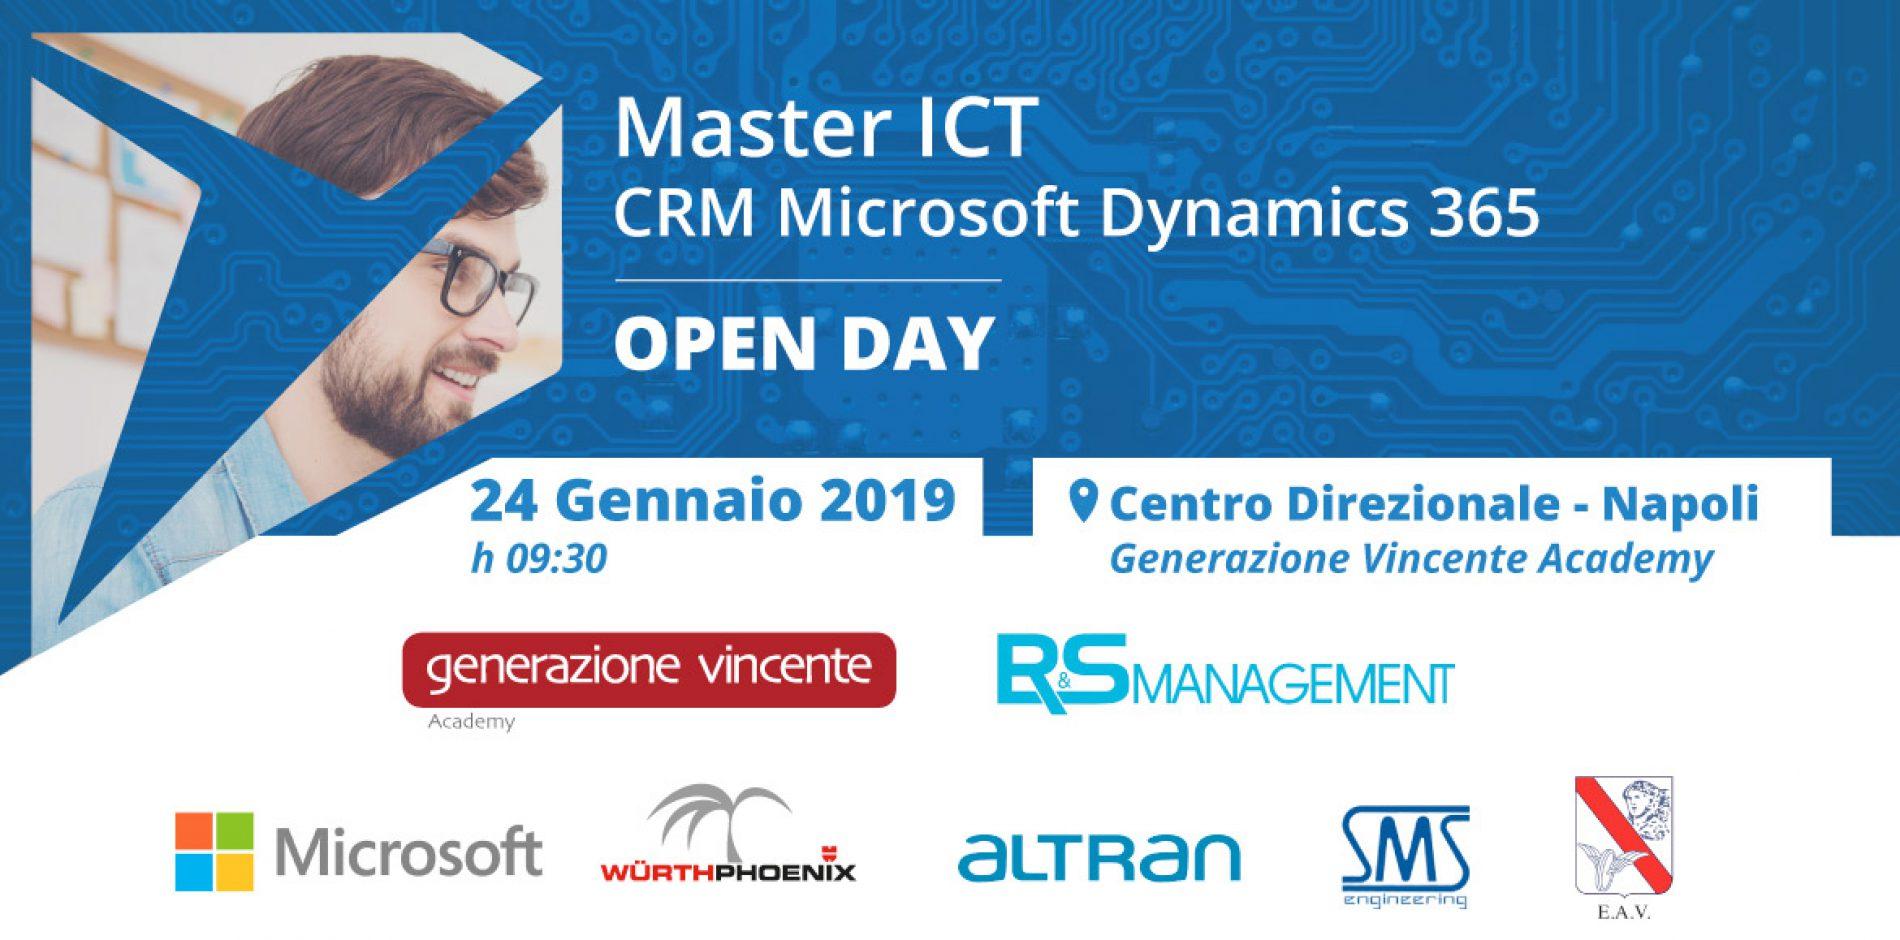 Open day con Generazione Vincente Academy e Microsoft